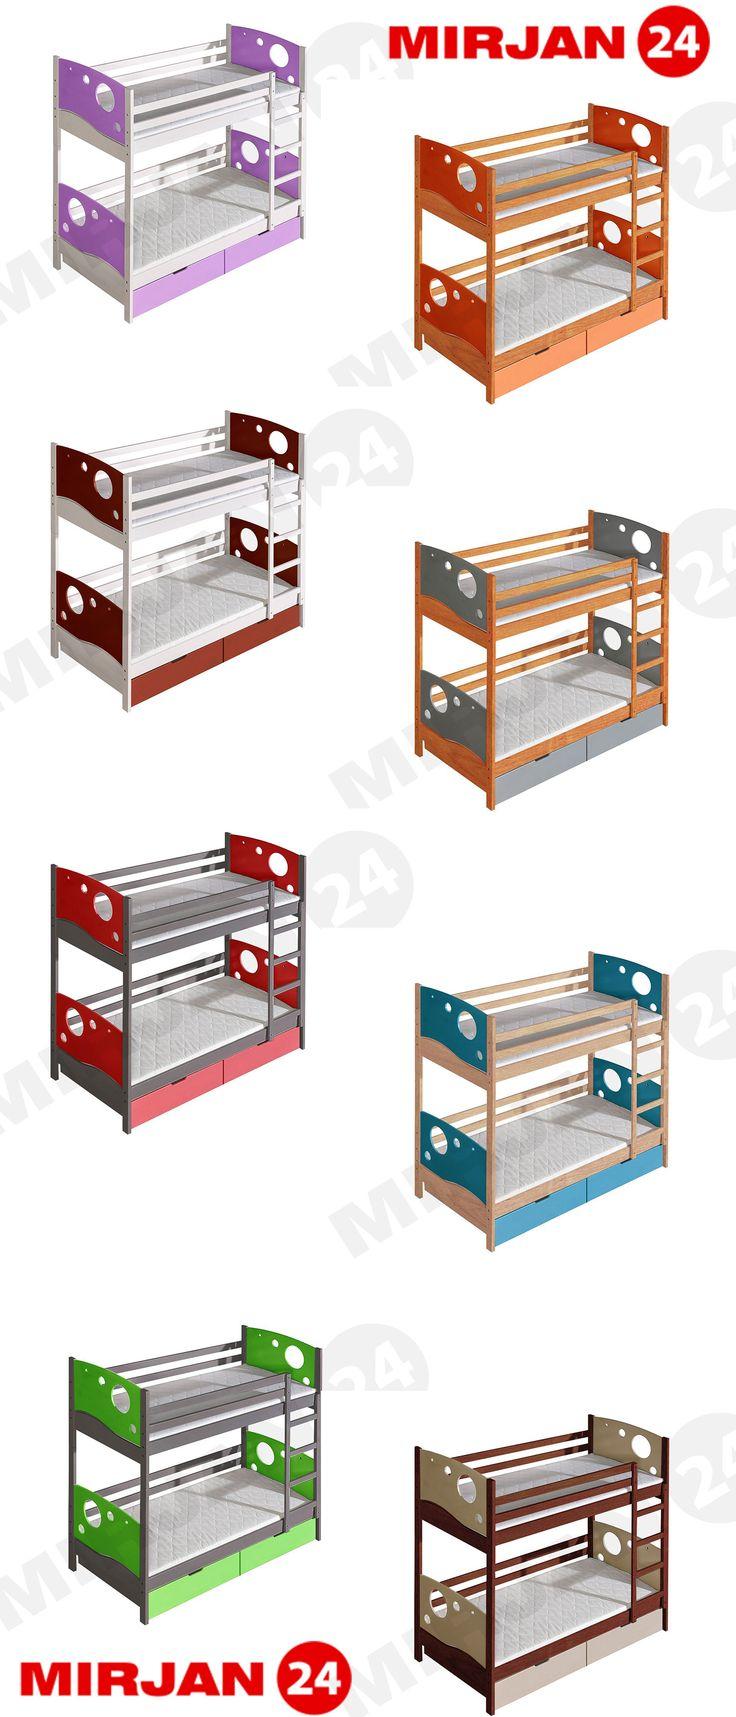 The bunk bed is perfect for siblings. Let children choose the color they want.  Piętrowe łóżku jest idealne dla rodzeństwa. Pozwól dzieciom wybrać wymarzony kolor.  #kidsroom #mirjan24 #colourfull #kids #kidsday #sweethome #funitureforchildren